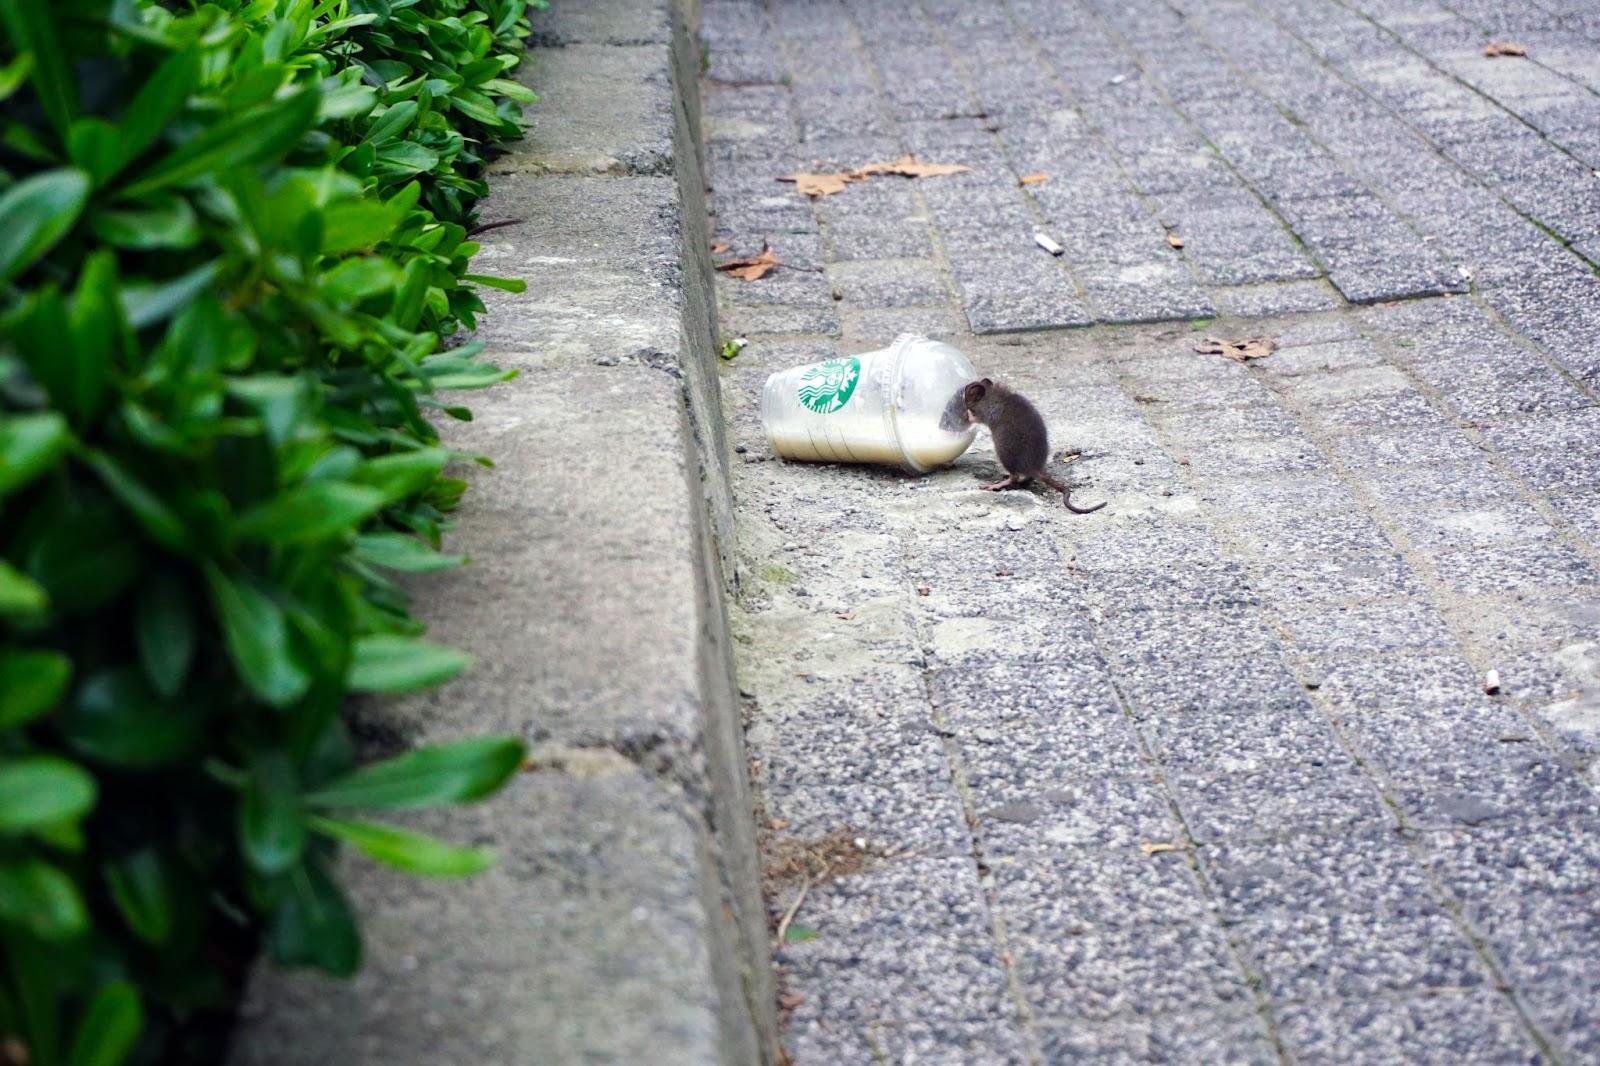 Rato Comendo Lixo Na Rua